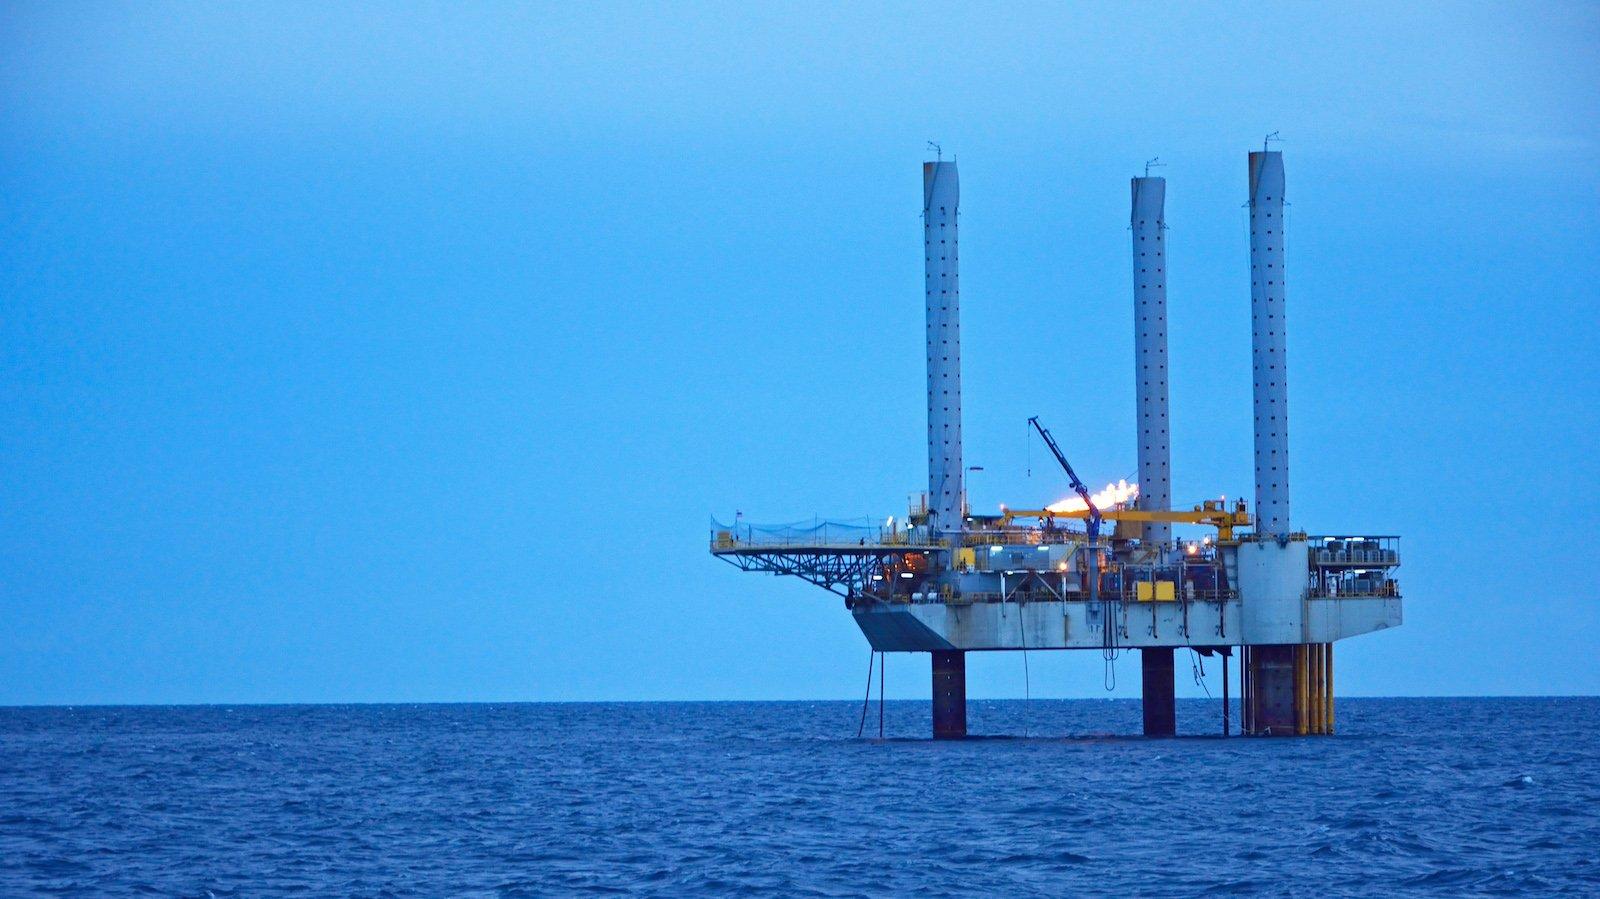 På en boreplatform henter man olie op fra havets bund